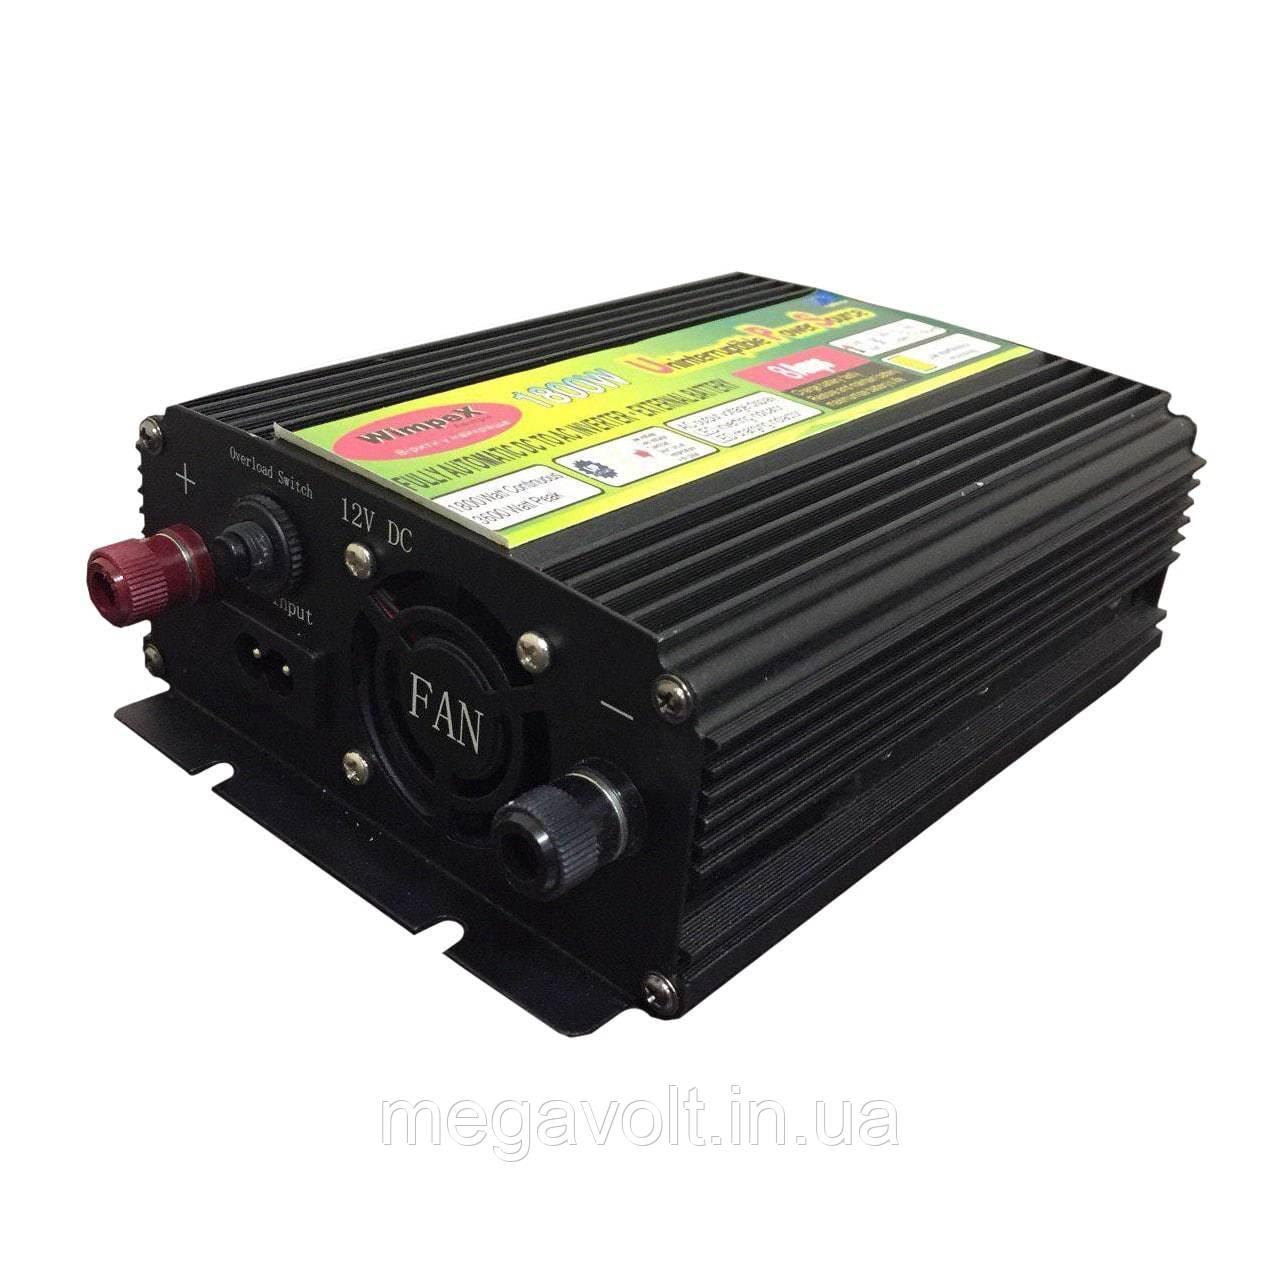 Преобразователь с зарядным устройством 12v-220v 1800W (бесперебойник) UPS UKC